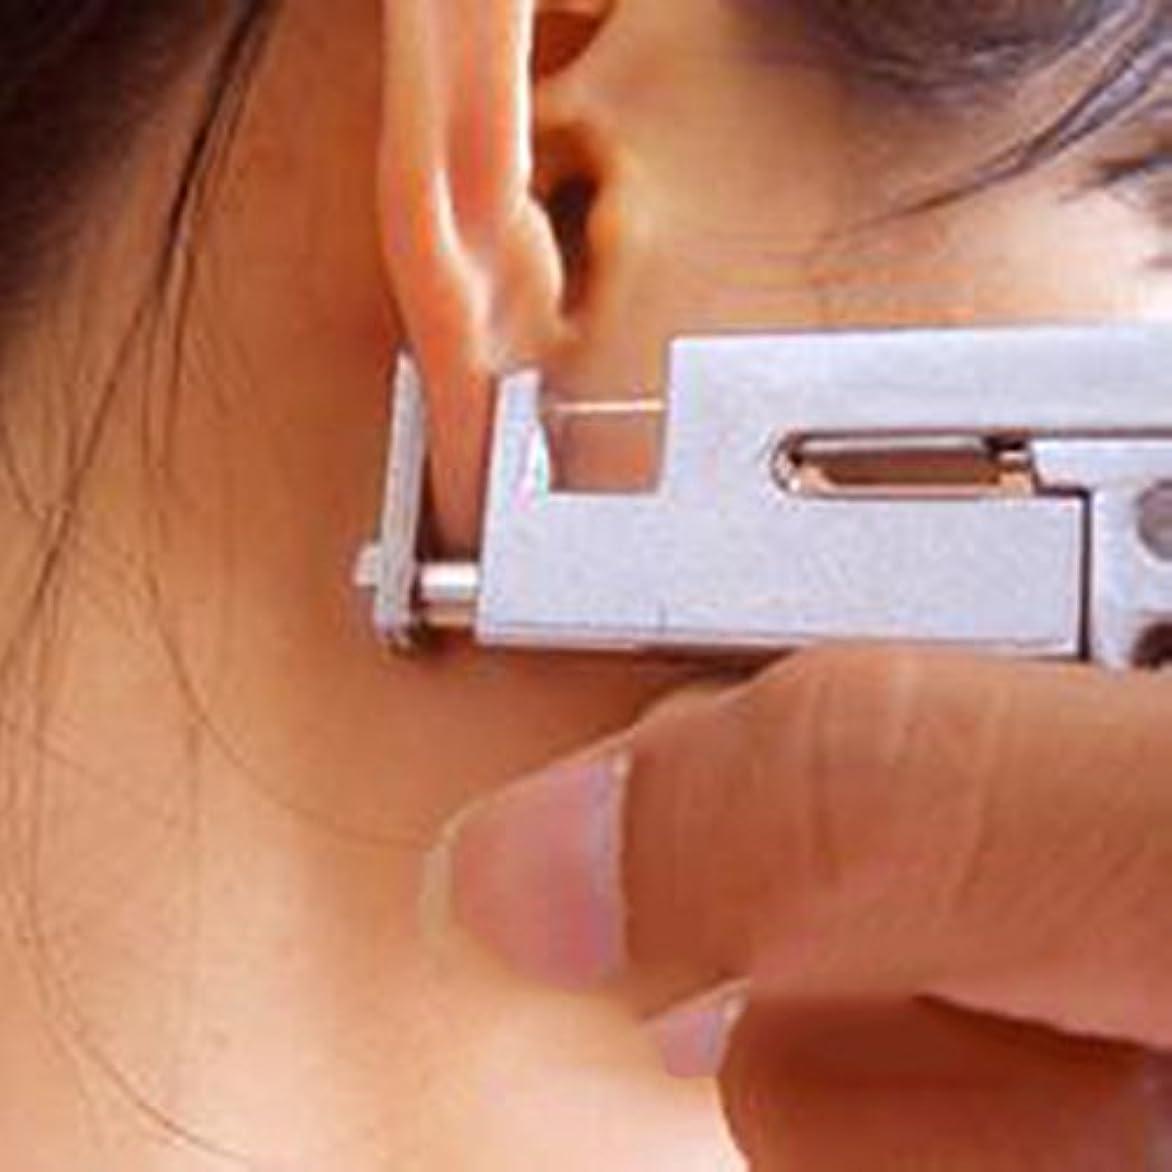 賞賛第三インフレーションプロの耳ボディ鼻ピアスガン 工作機械キットセット+ 98個スチールスタッド 使いやすい